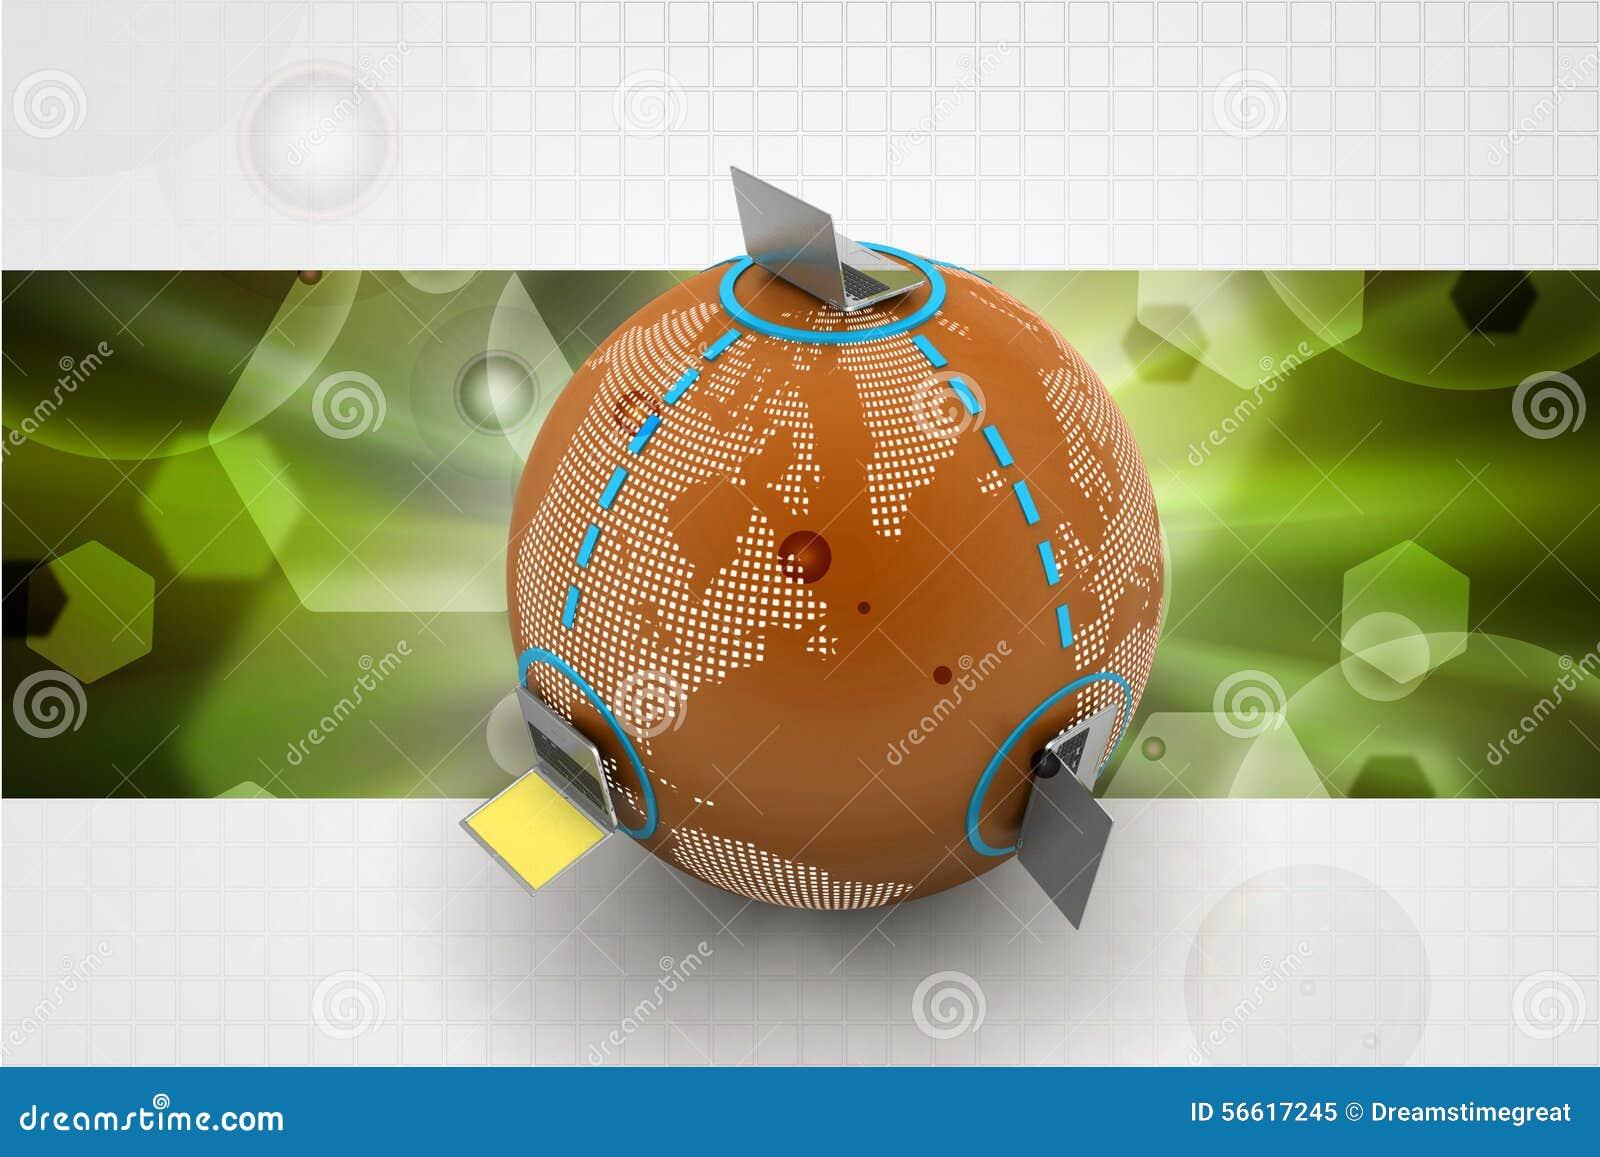 Globaal voorzien van een netwerkconcept stock illustratie afbeelding 56617245 - Een wasruimte voorzien ...